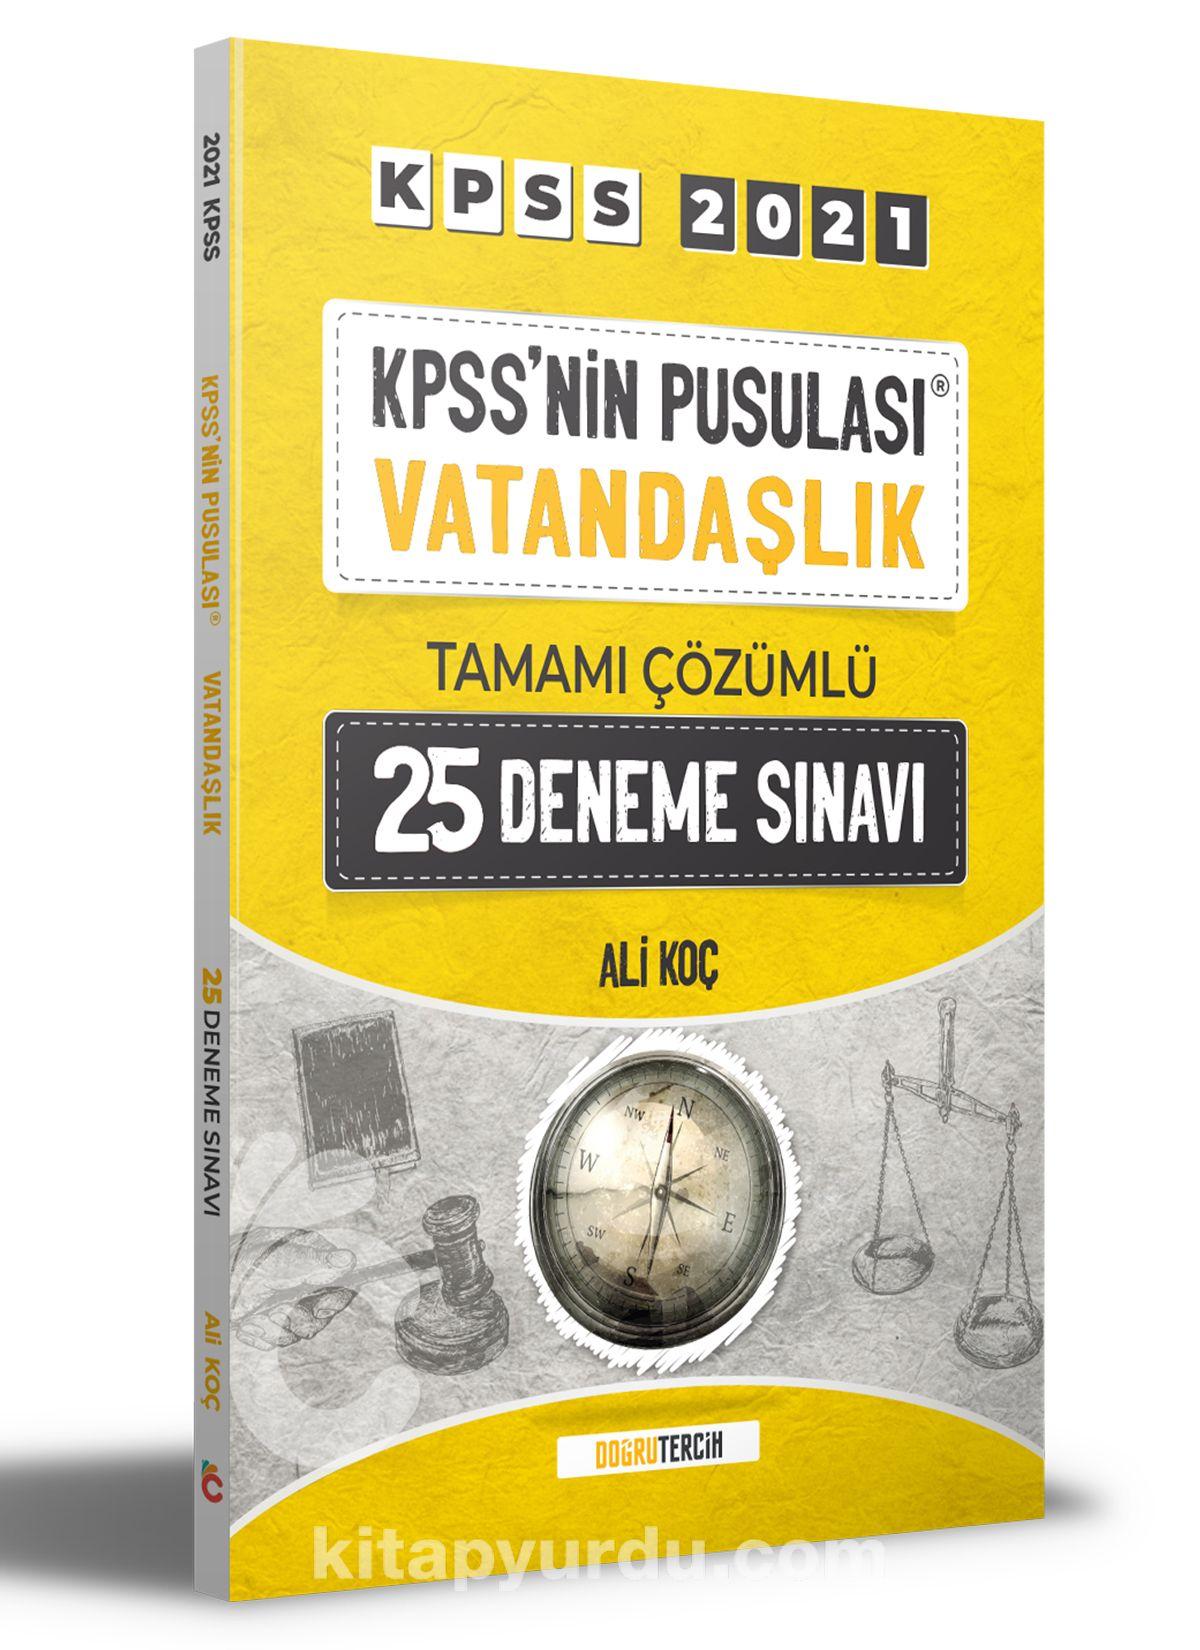 2021 KPSS'nin Pusulası Vatandaşlık Tamamı Çözümlü 25 Deneme Sınavı  PDF Kitap İndir